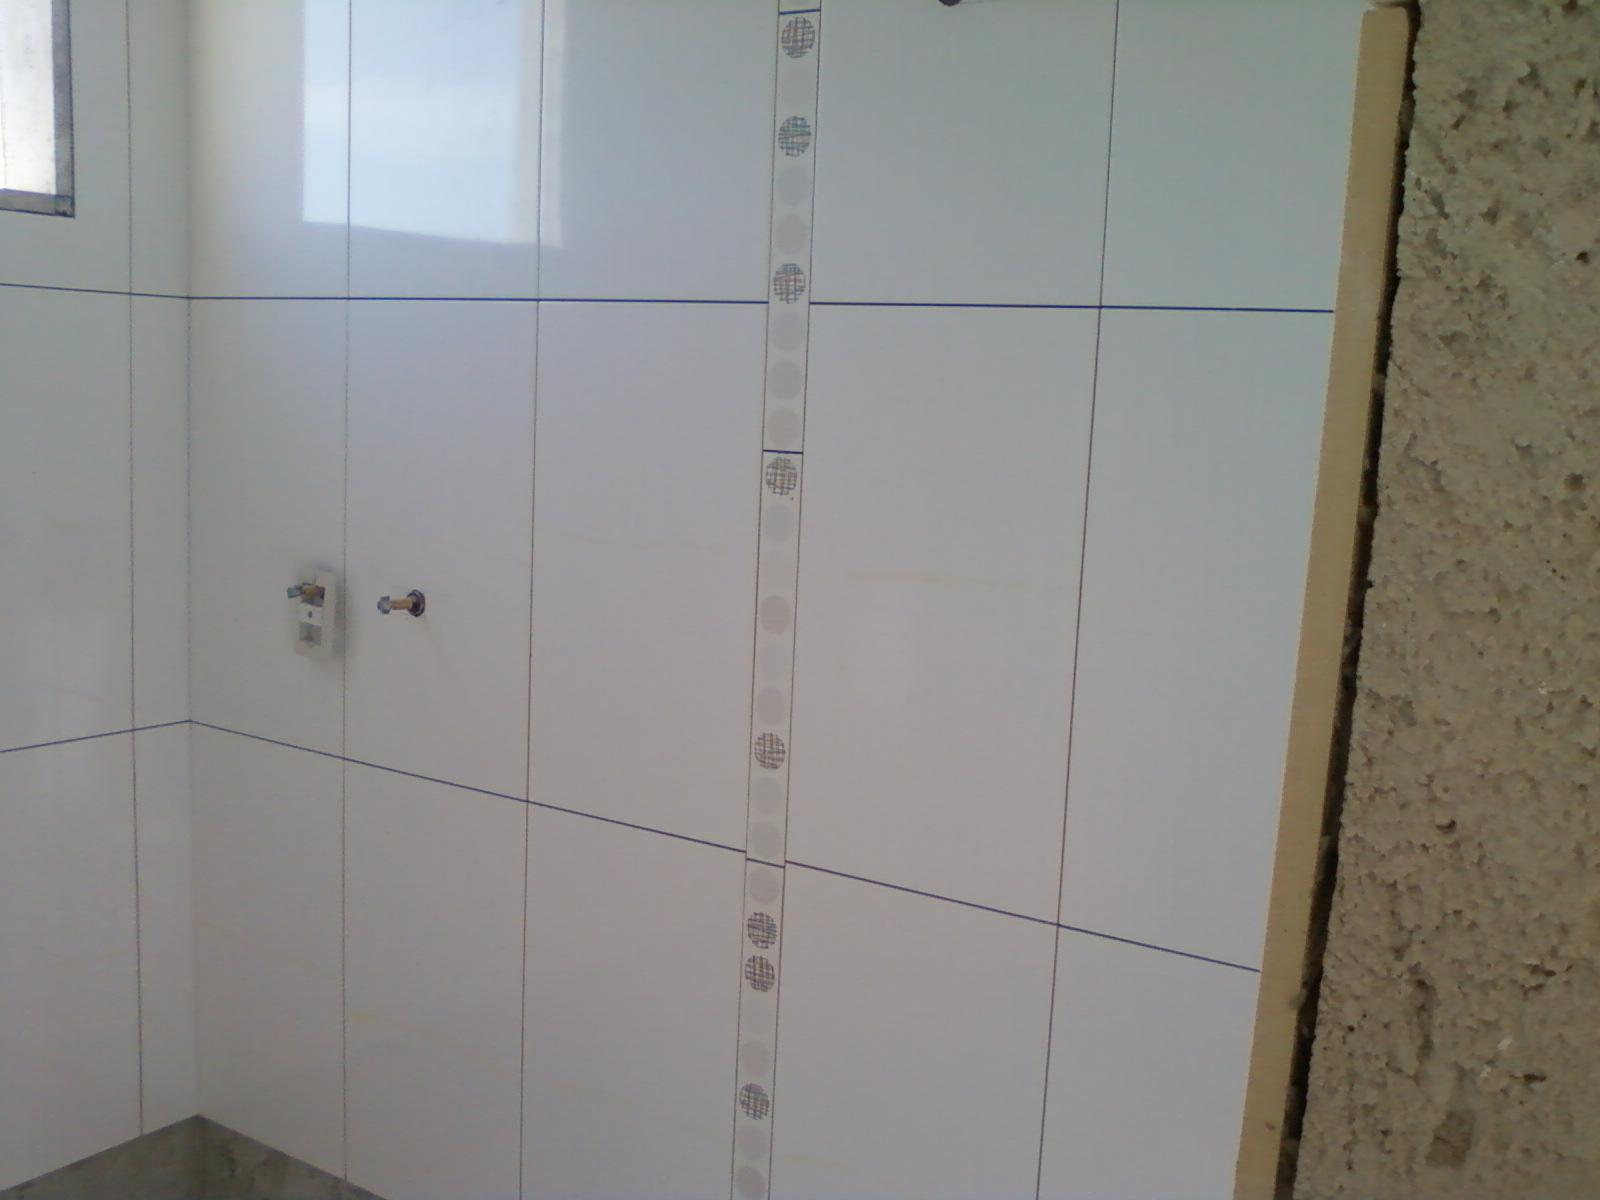 Fotos Banheiro Piso Preto  gotoworldfrcom decoração de banheiro simples de  -> Banheiro Decorado Com Porcelanato Preto